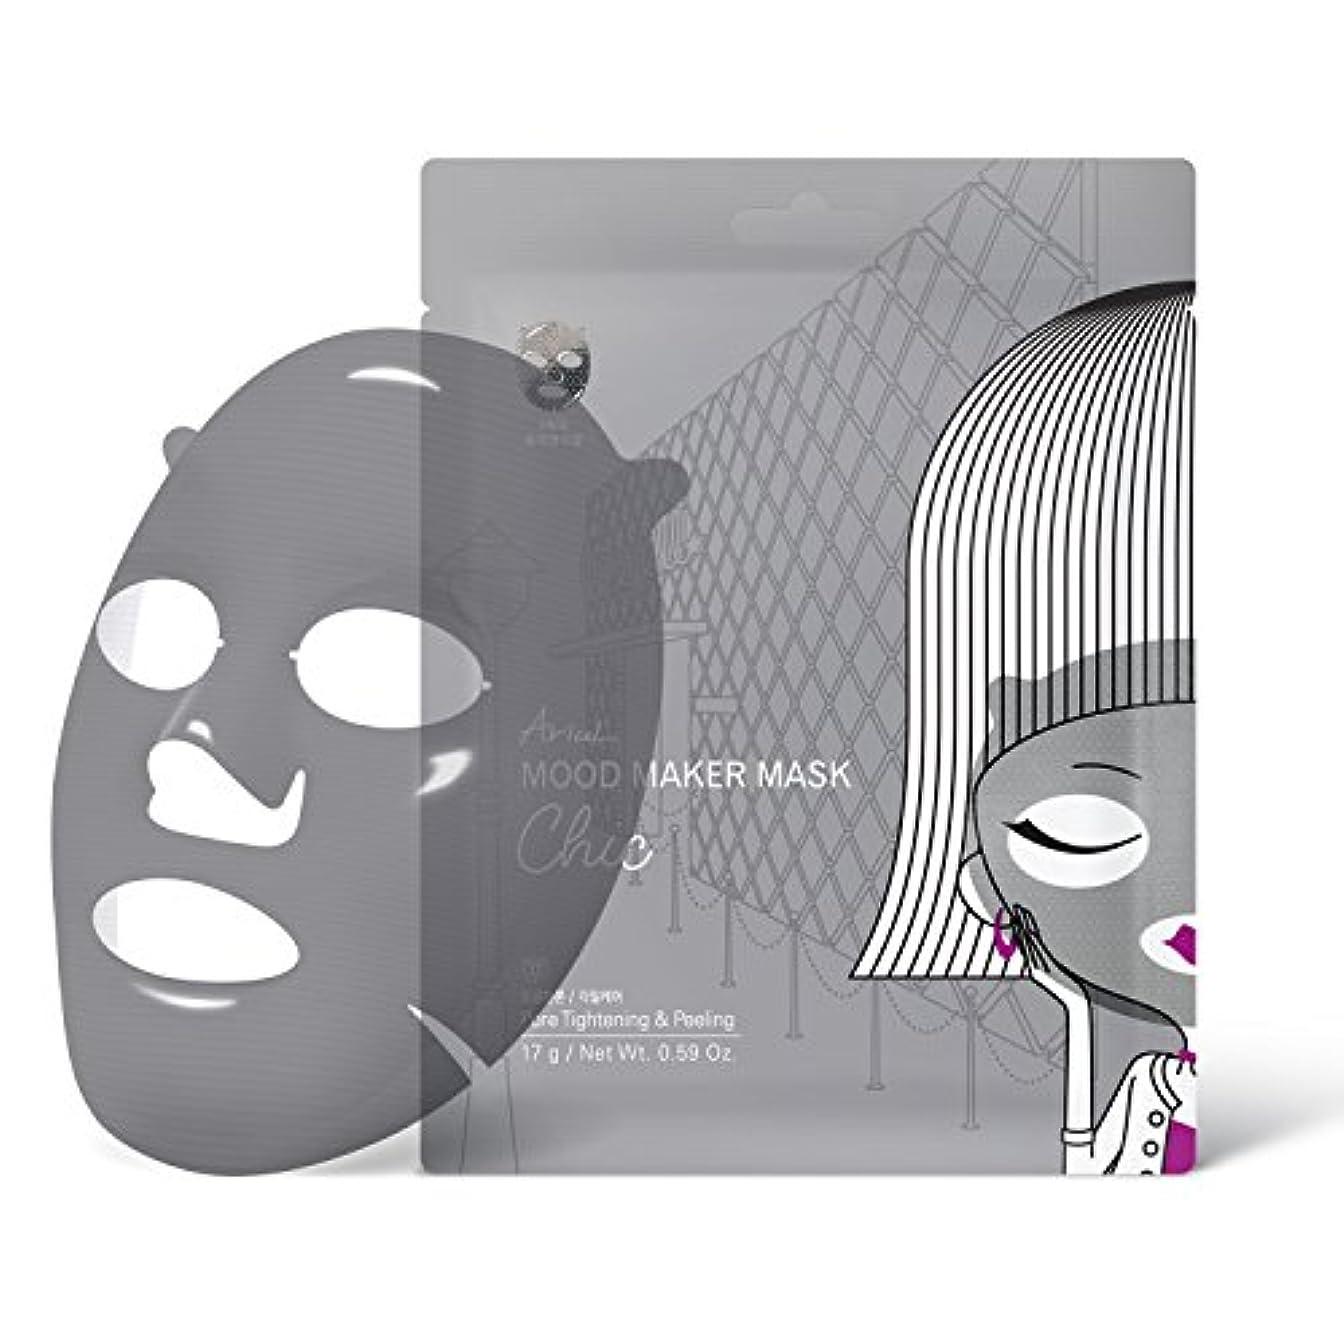 首見捨てるウサギアリウル ムードメーカーマスク シック 1枚入り